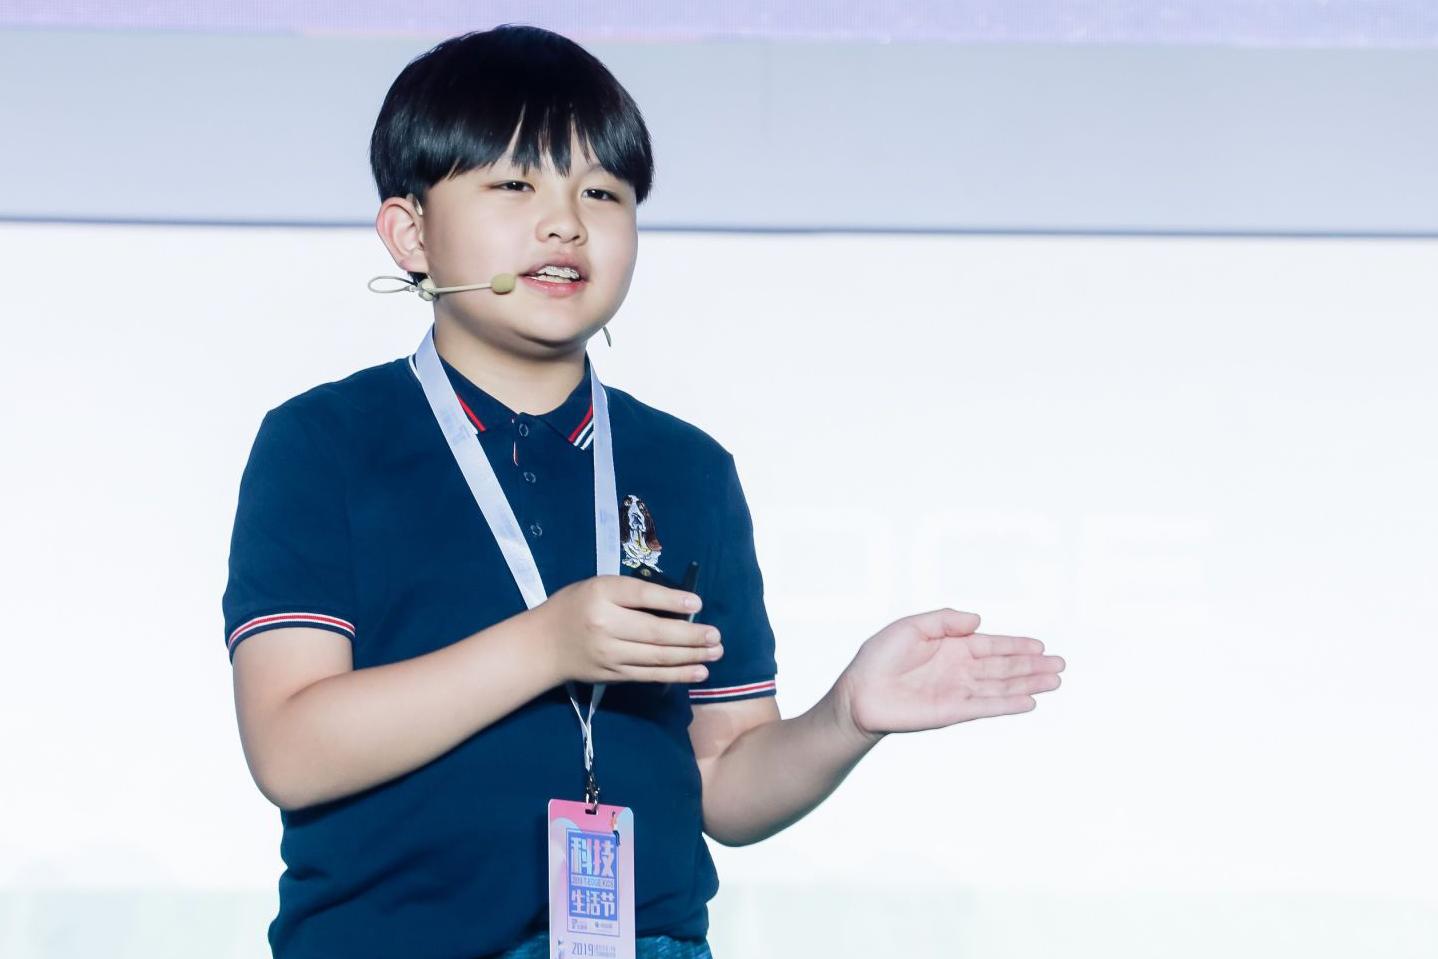 【2019T-EDGE】10后少年:广东快三们这一代的童年在虚幻和现实的边界